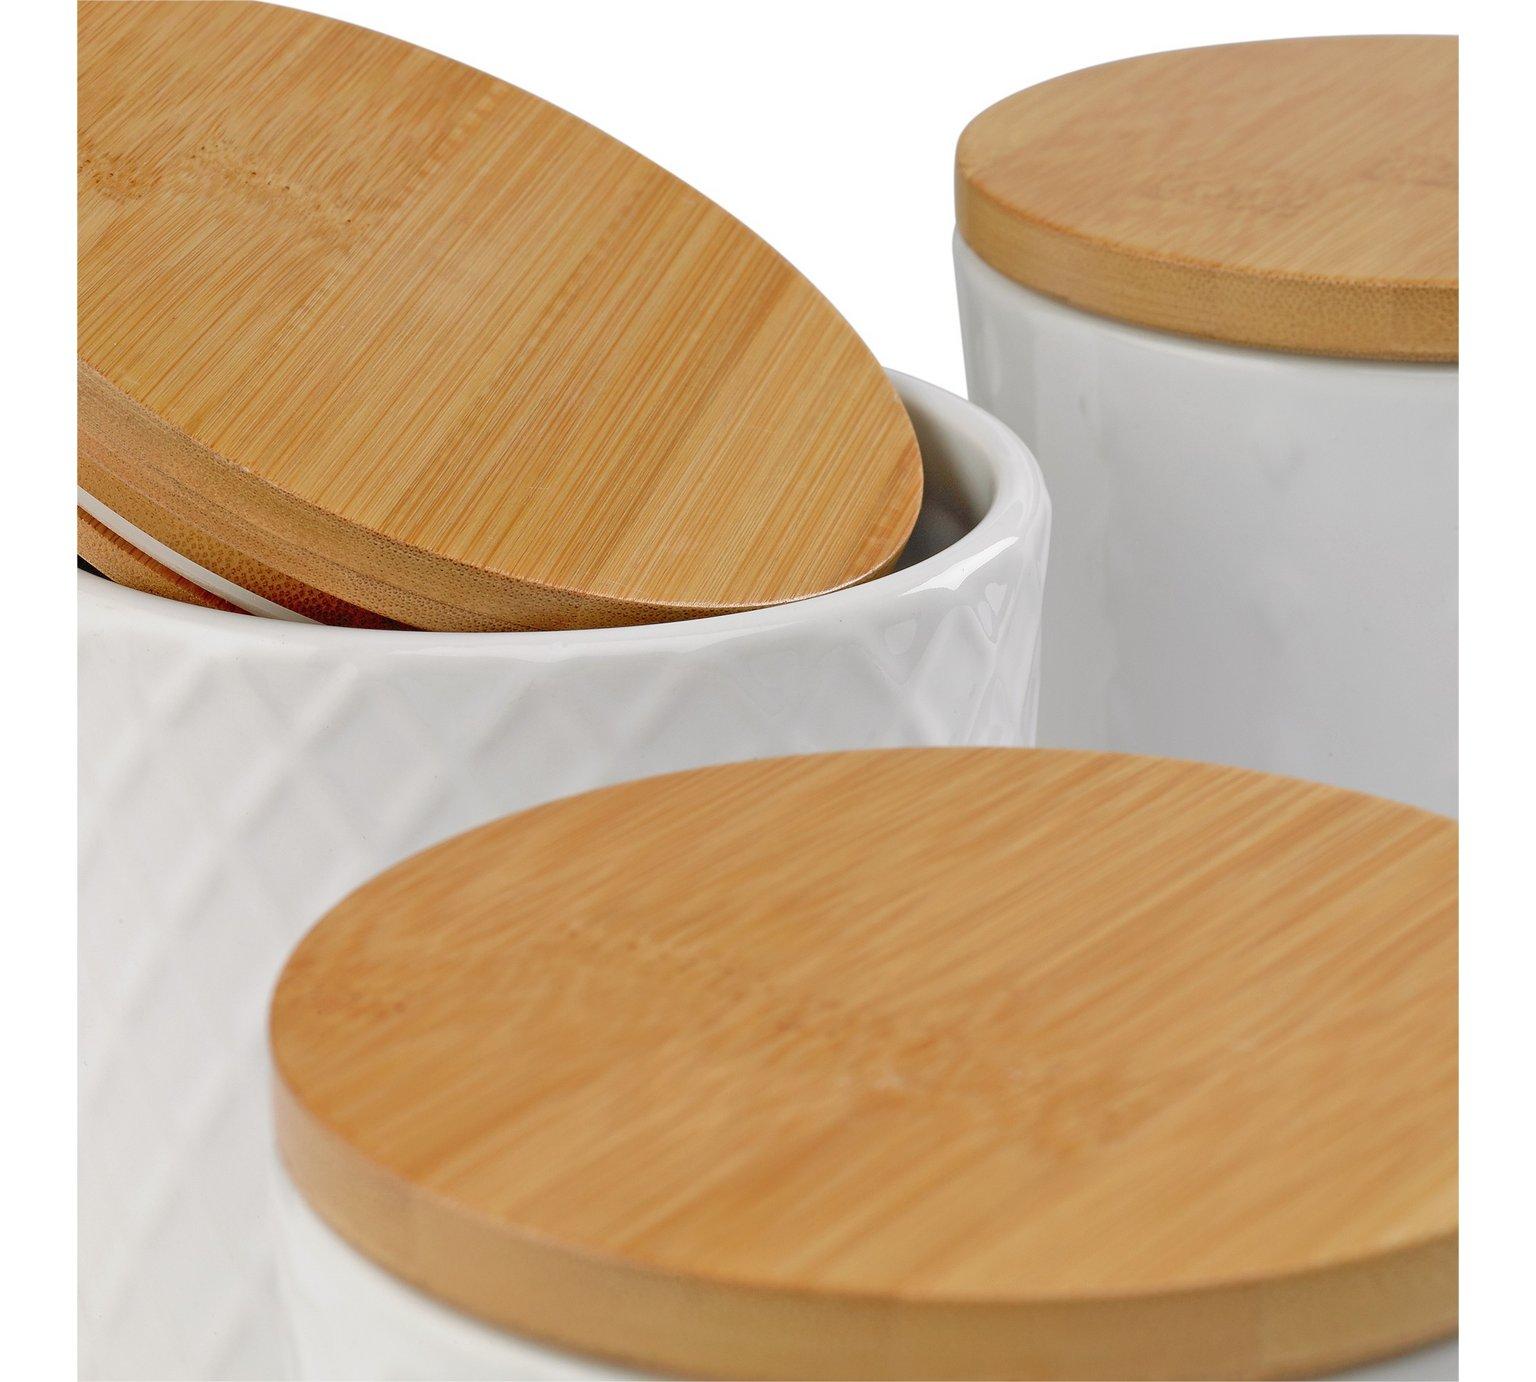 Pojemniki Kuchenne Białe Ceramiczne Bambusowe 7137482063